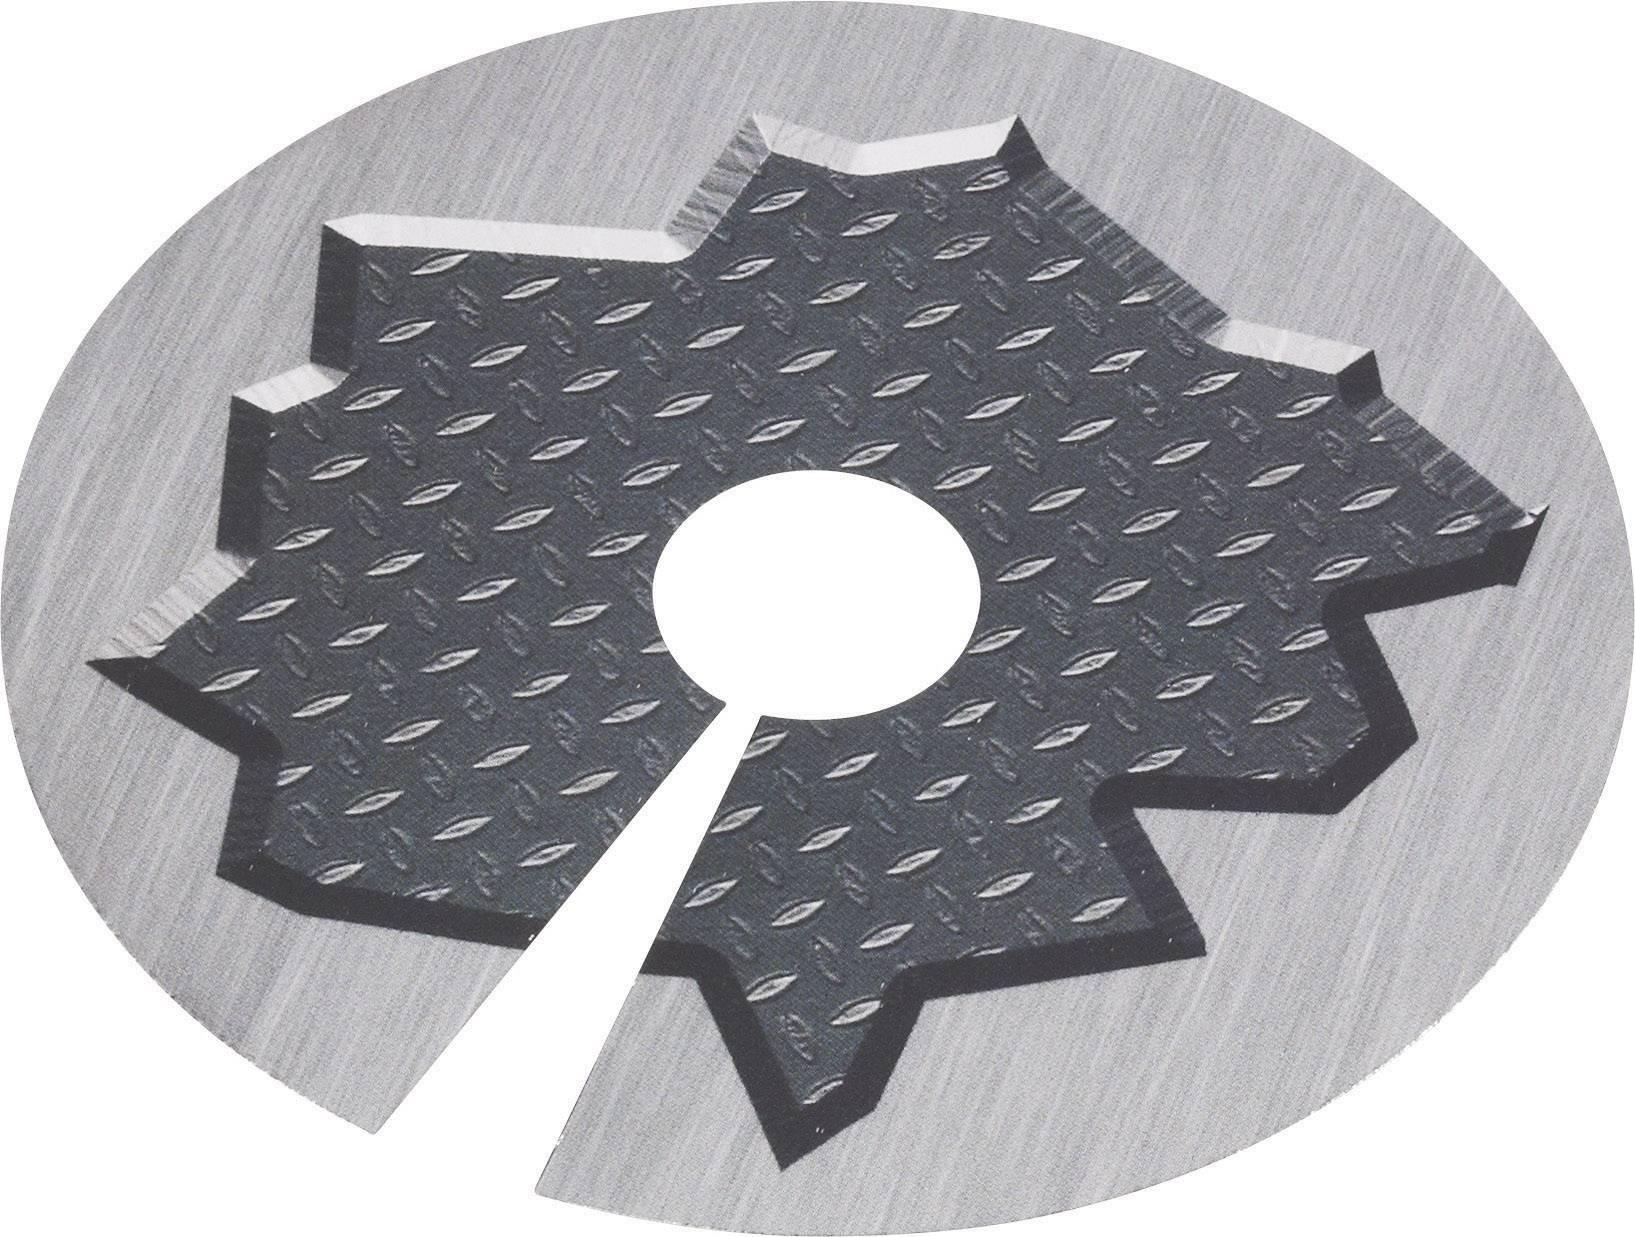 Dekorácie na disky kolies Reely DELV3704003, 1:10